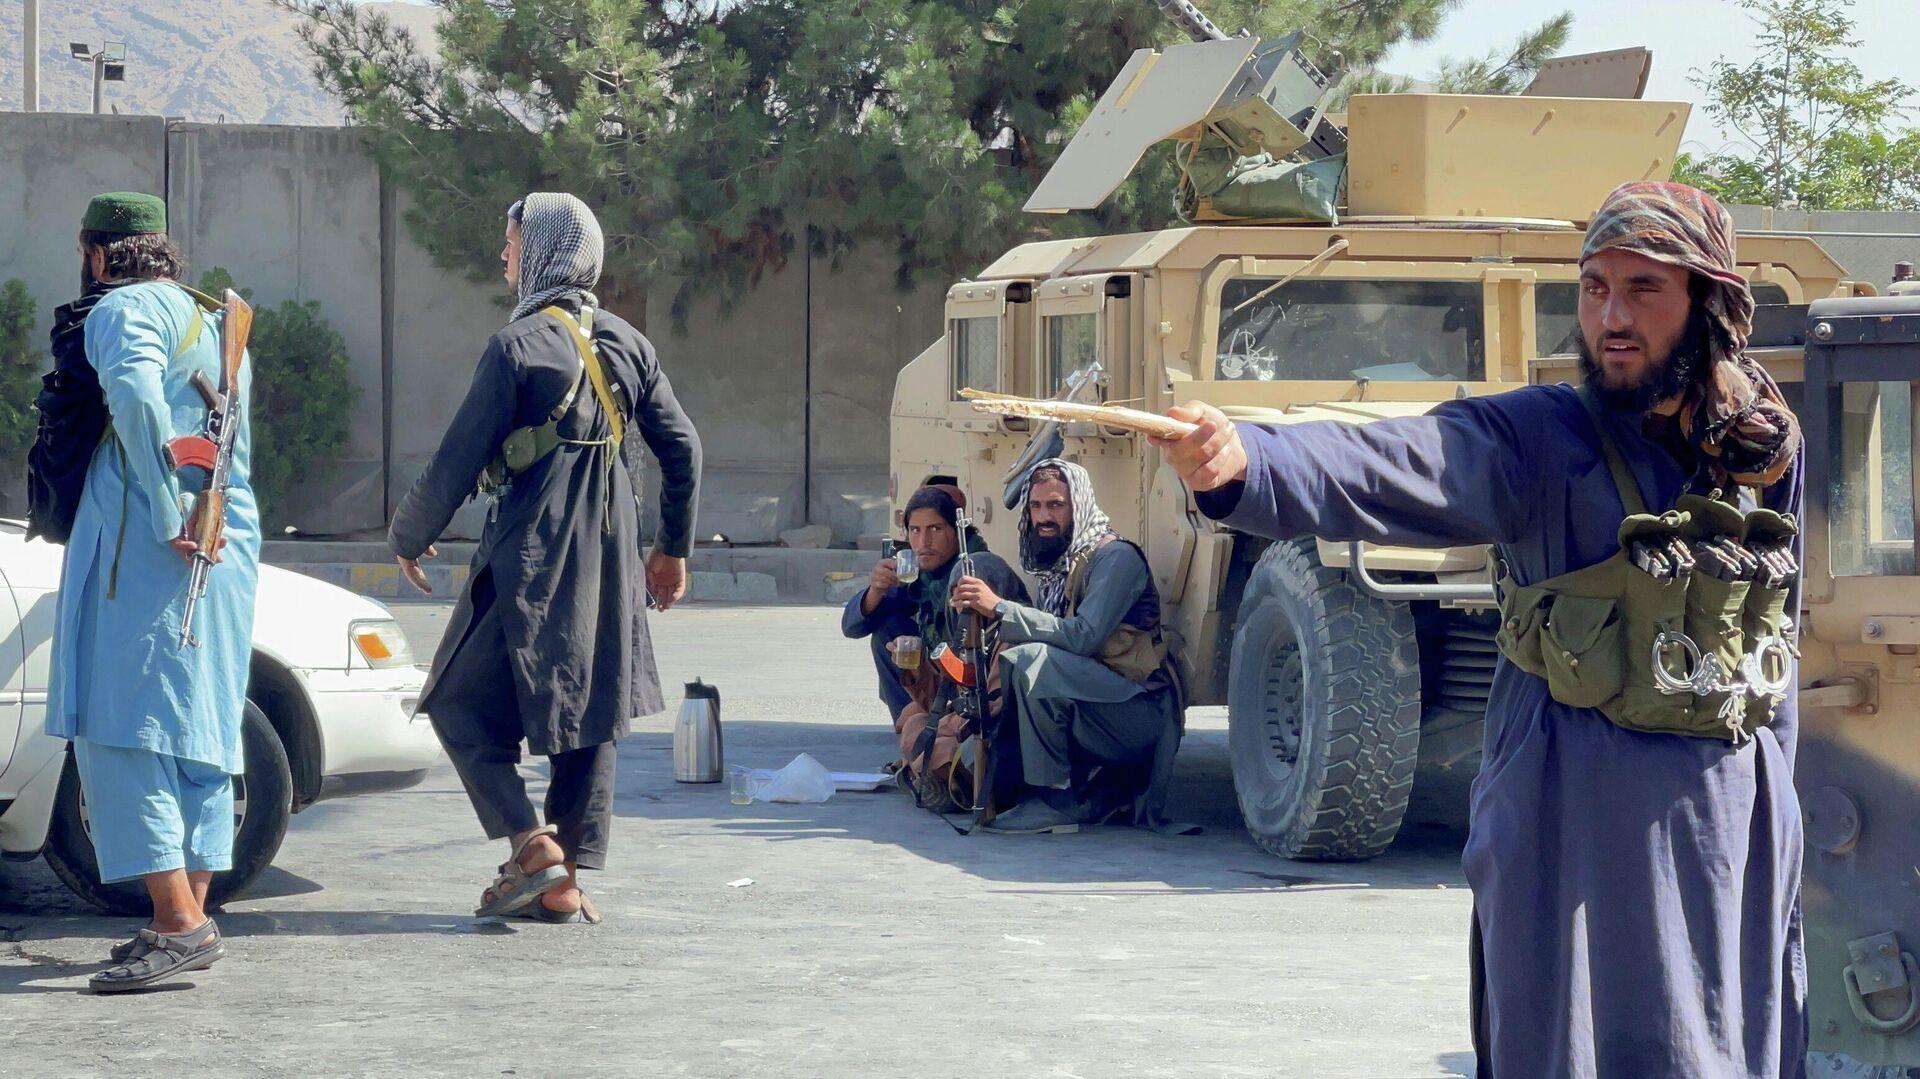 В Пентагоне рассказали о численности бойцов ИГ* в Афганистане